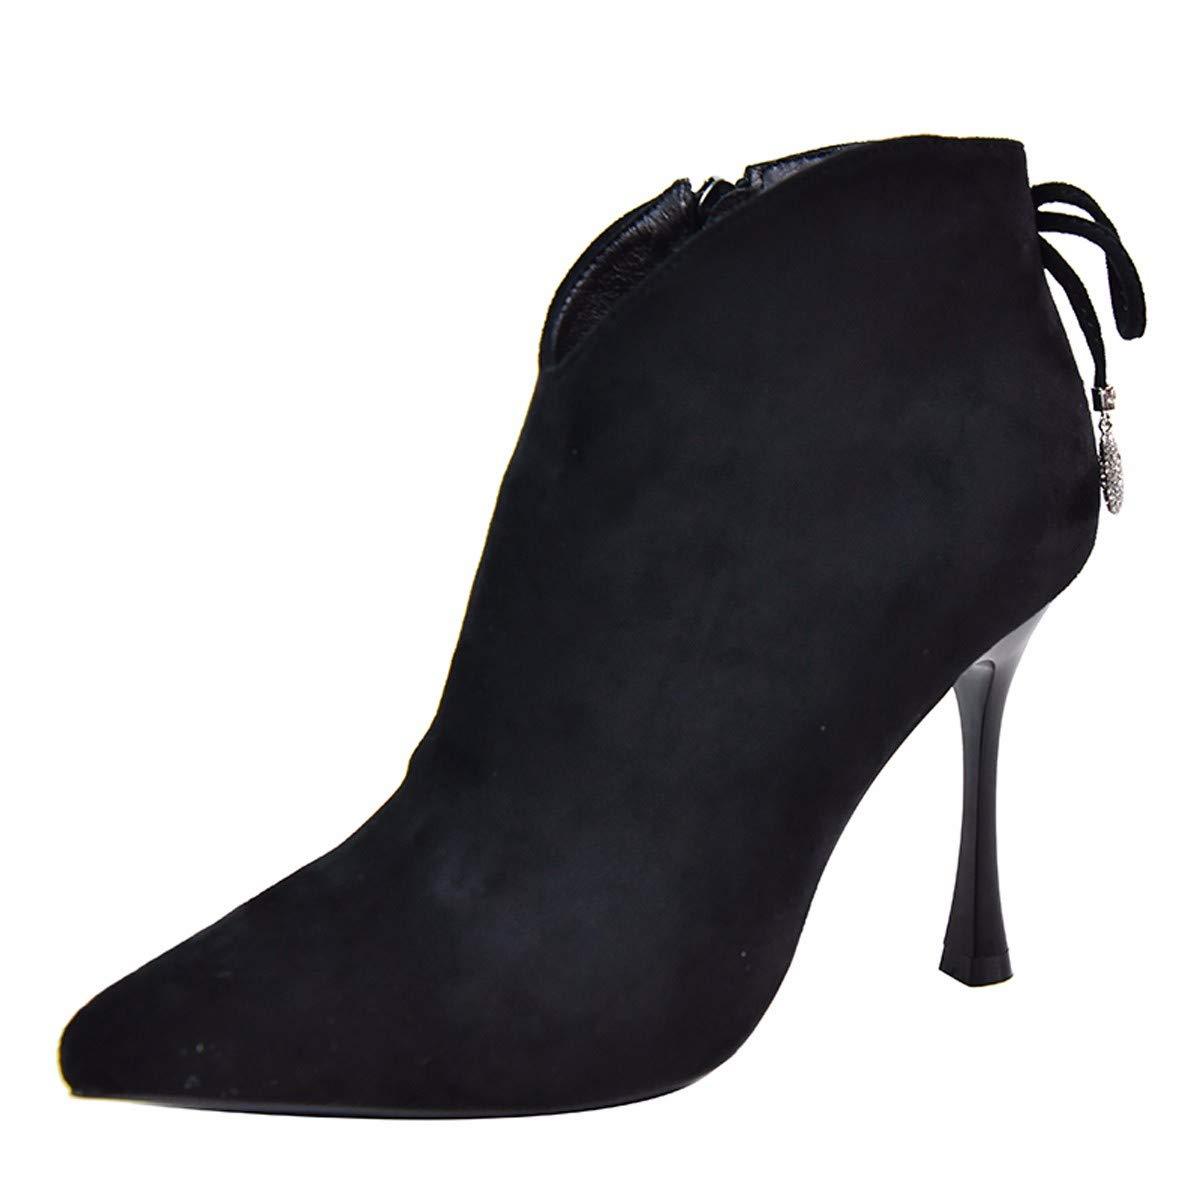 KPHY Damenschuhe Gut Bei Fuß Verwies Absatz 10 cm Hoch Stiefel Seite Reißverschluss Sexy Spitzen Mit Stiefeln Martin Stiefel